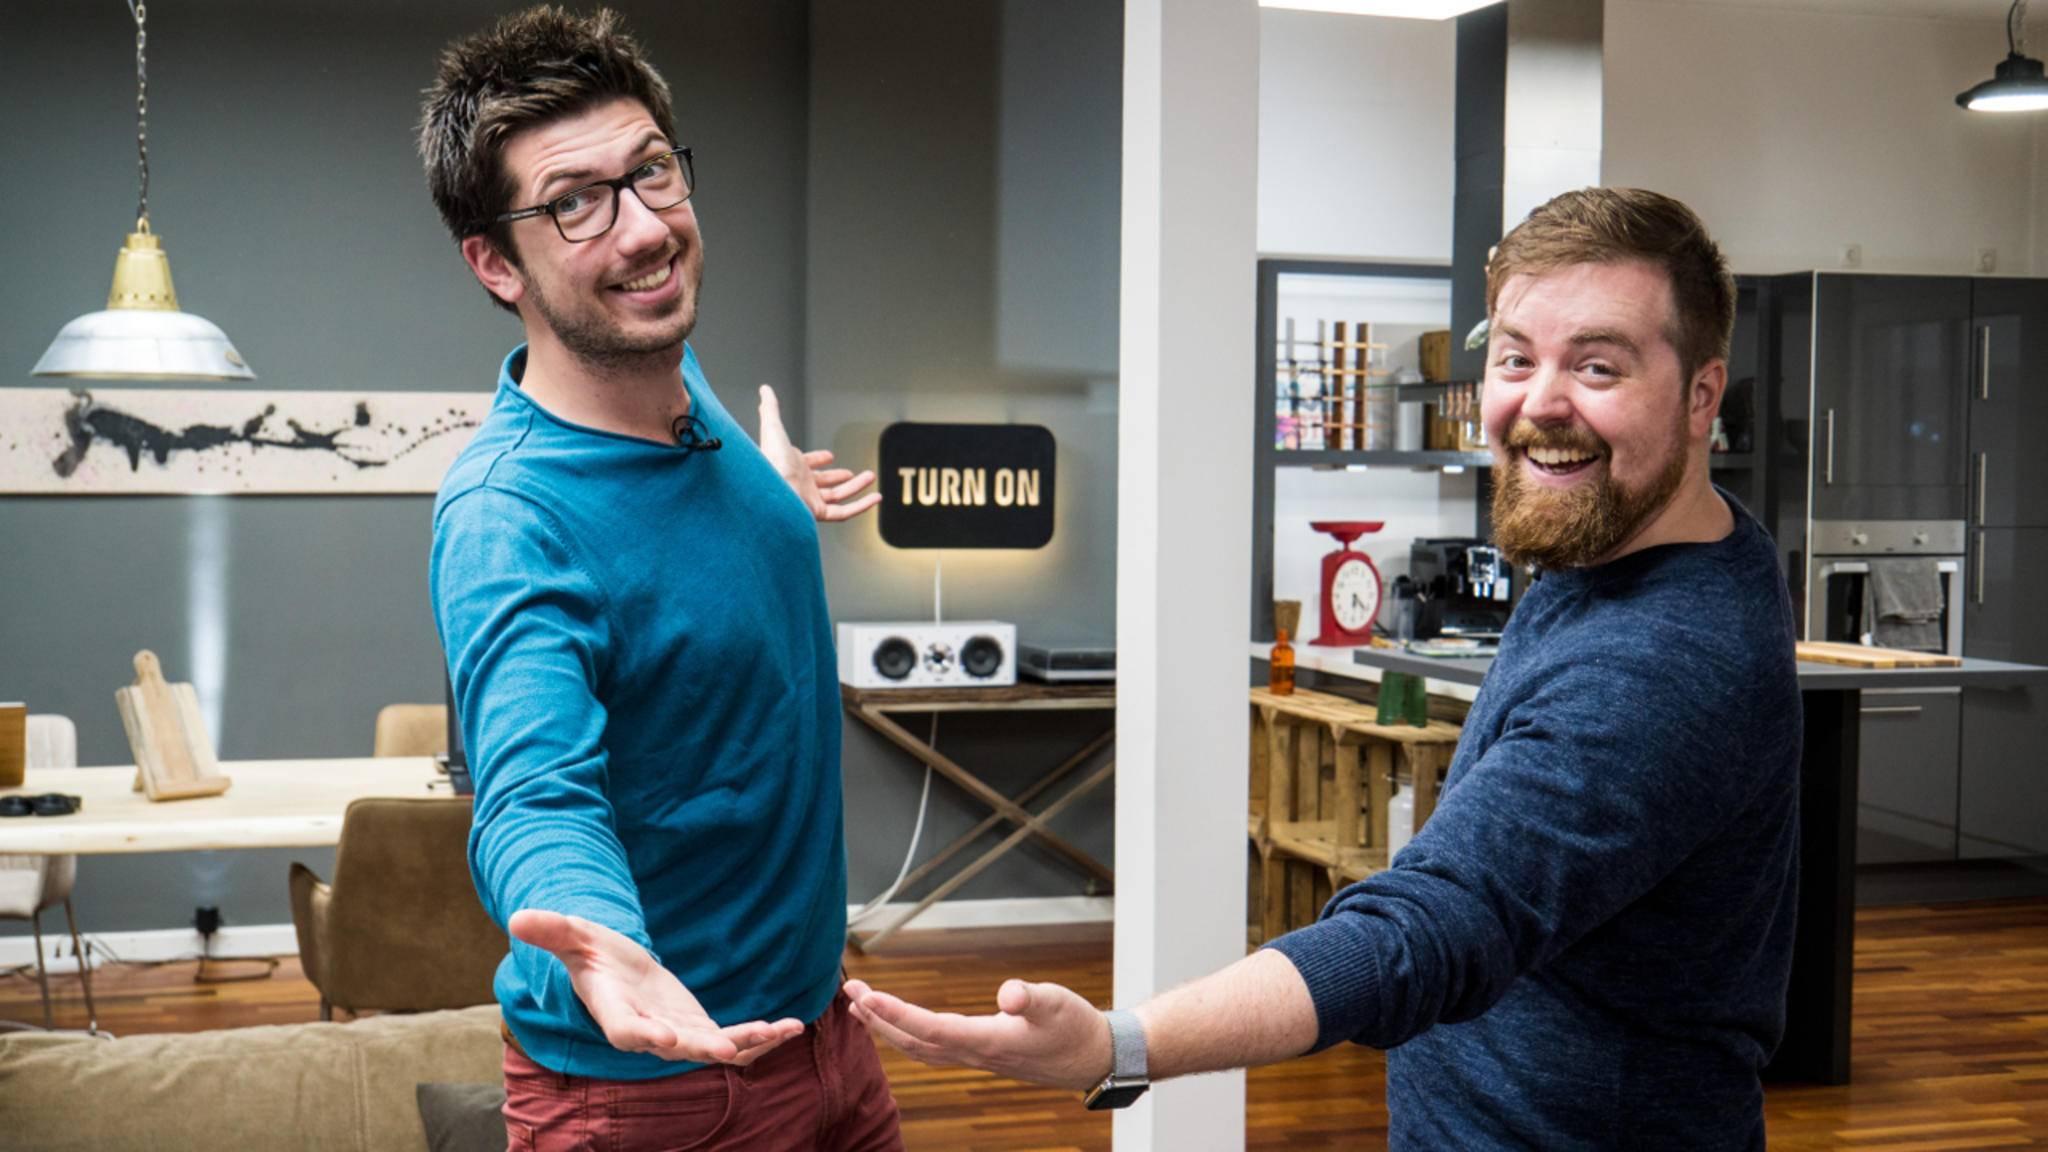 Alex und Jens präsentieren Your TURN am 28. März live.